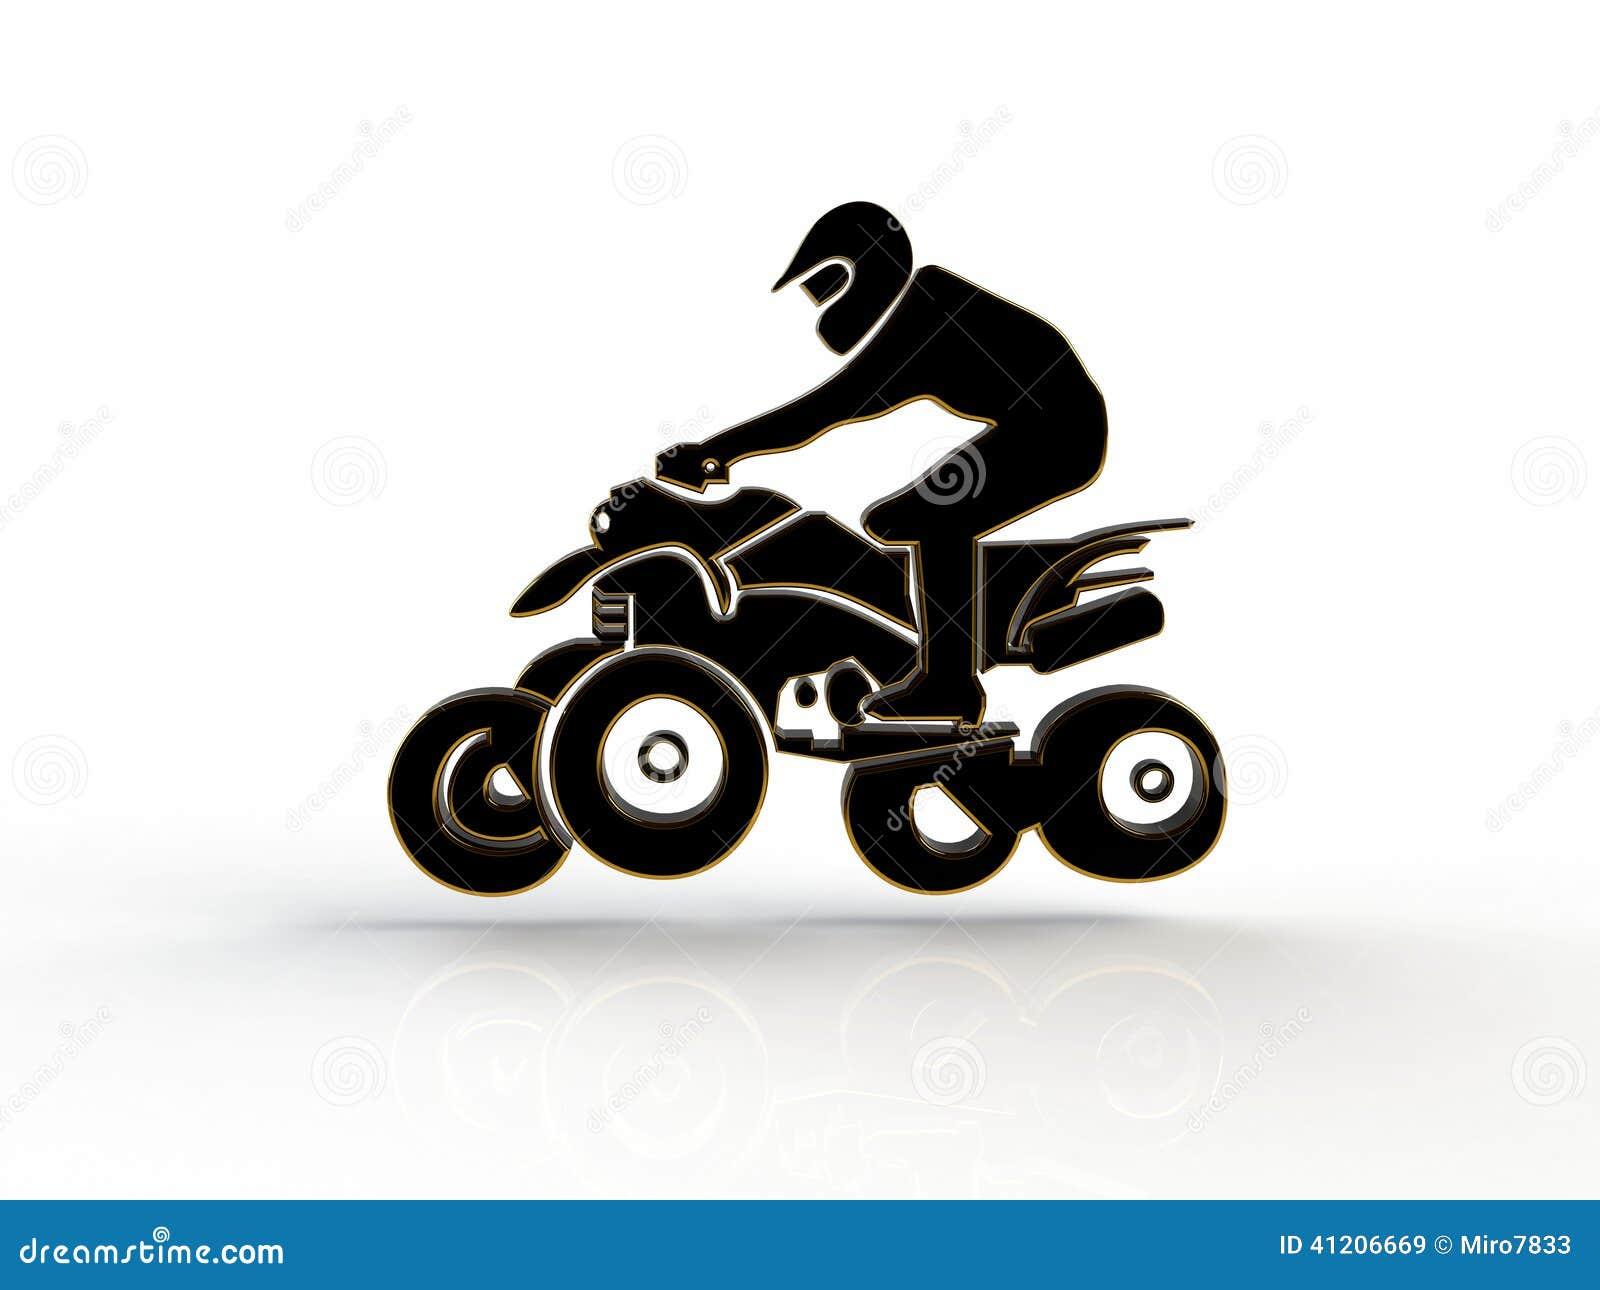 quad bike clipart - photo #12